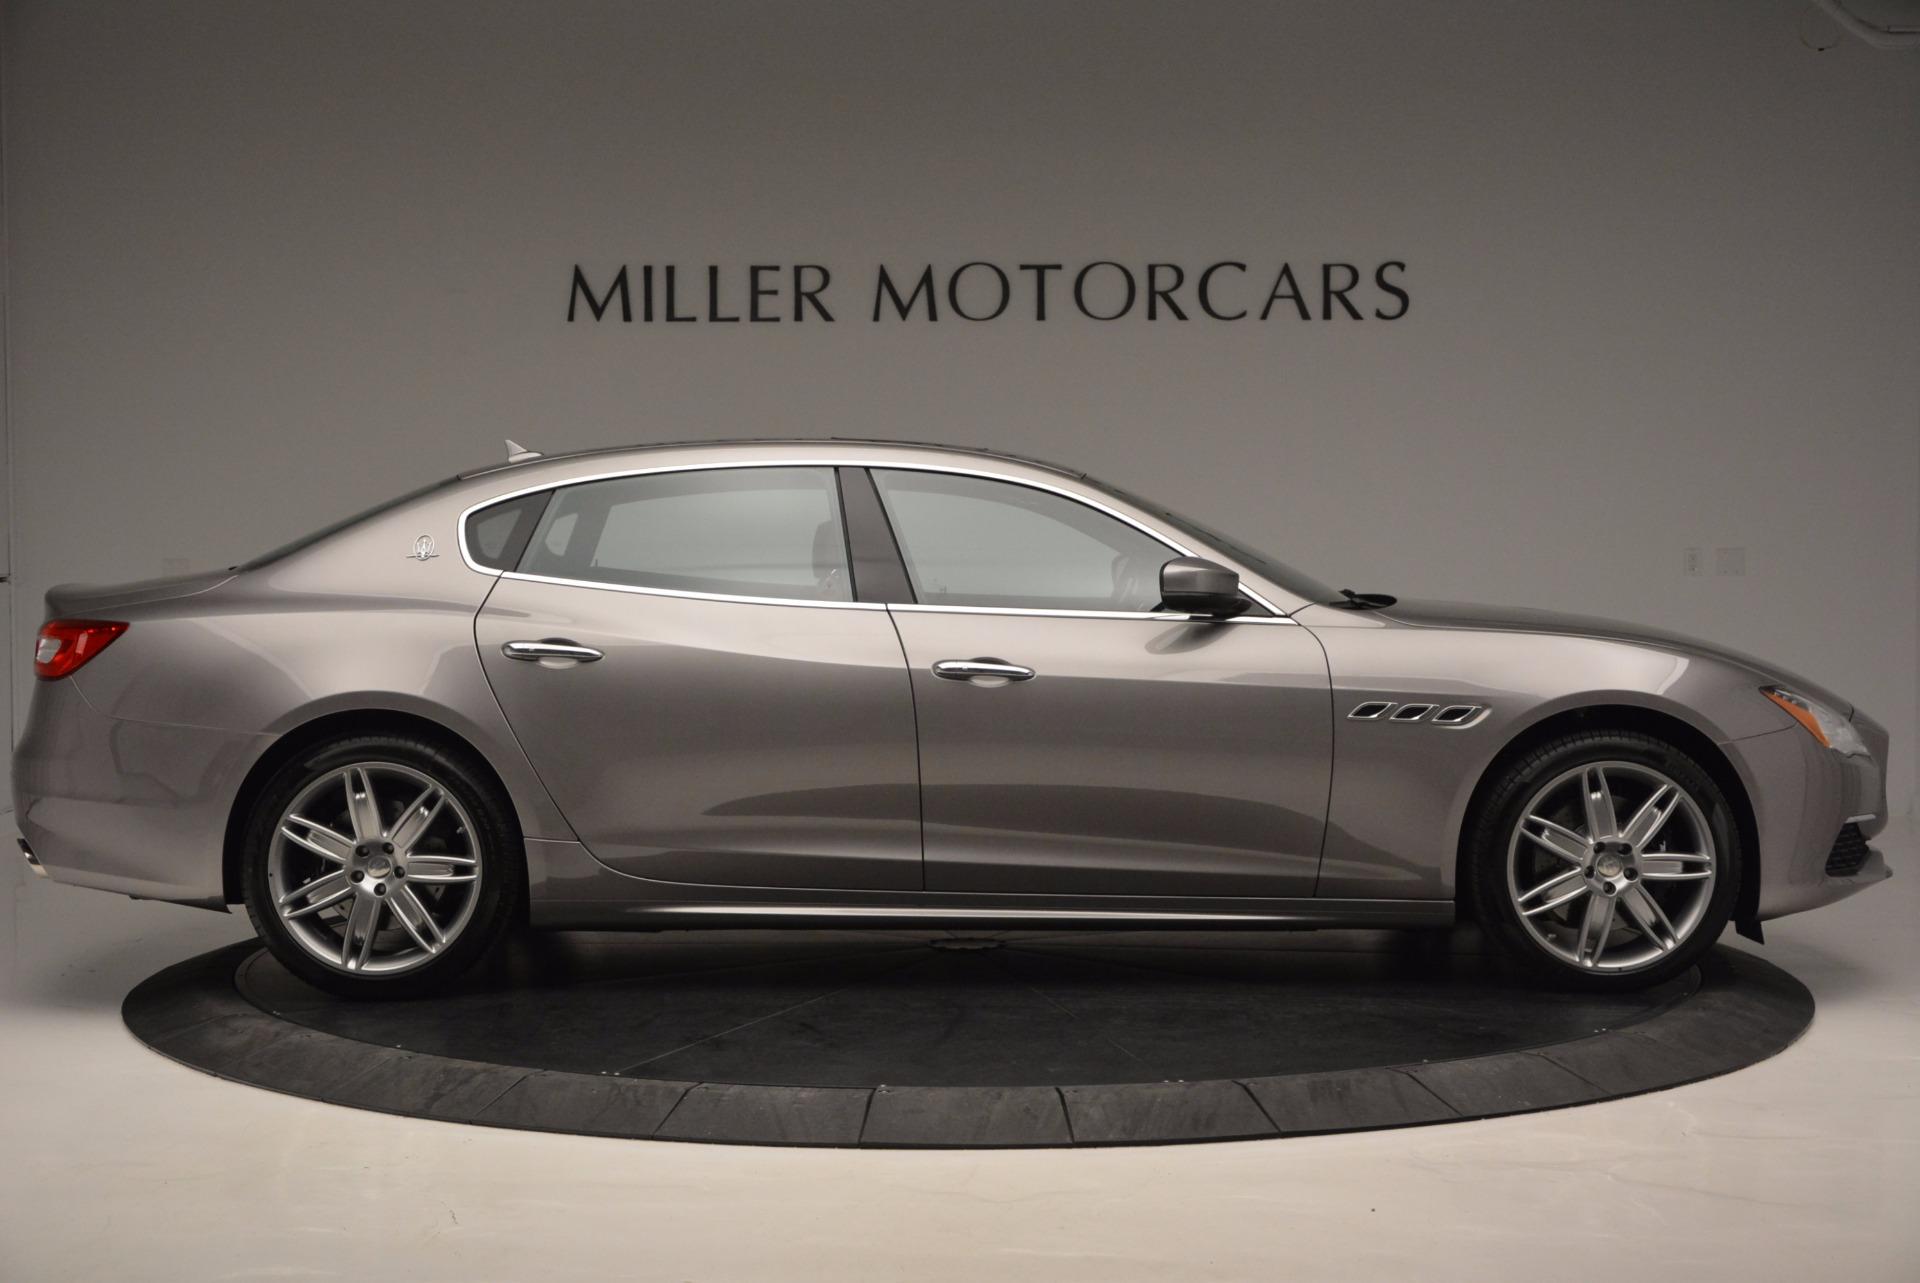 New 2017 Maserati Quattroporte S Q4 GranLusso For Sale In Greenwich, CT 1266_p9